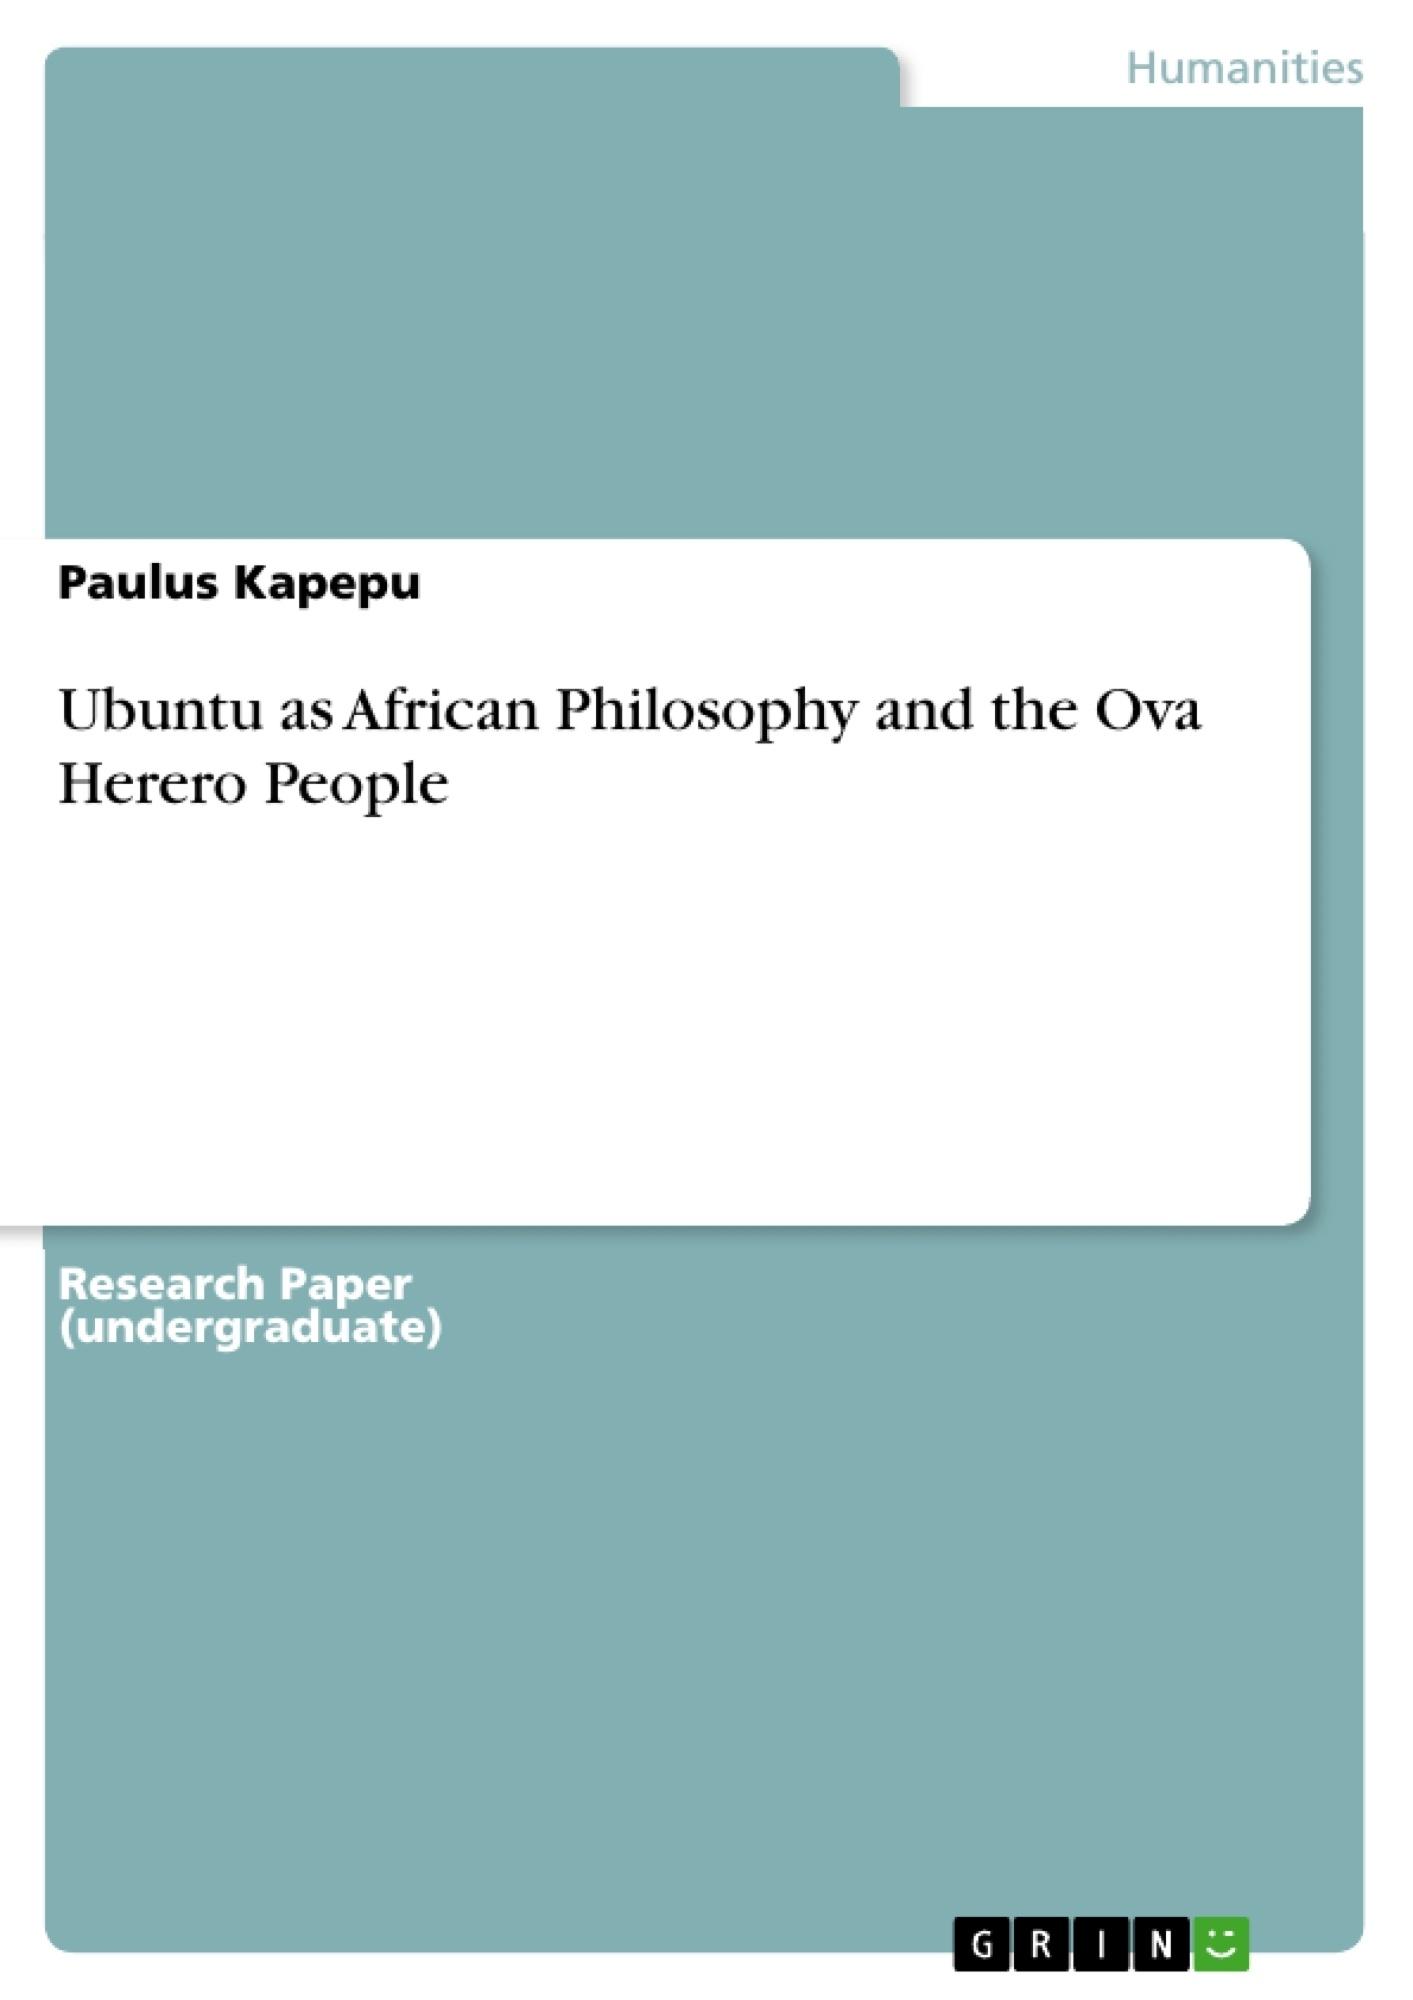 Title: Ubuntu as African Philosophy and the Ova Herero People